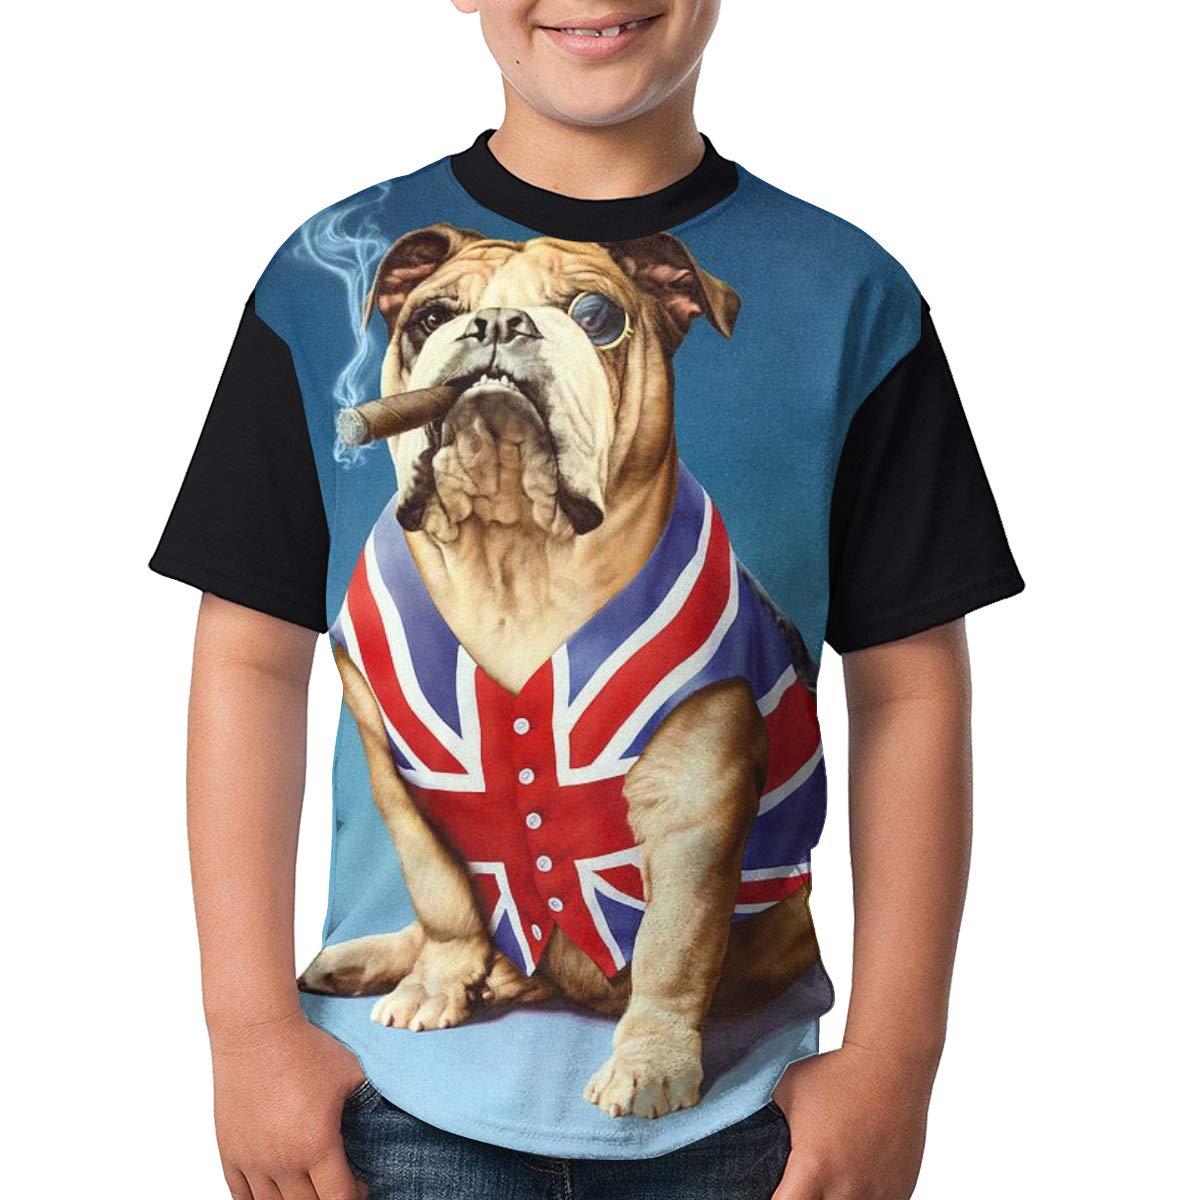 Toomny Boys Short SleeveShirts